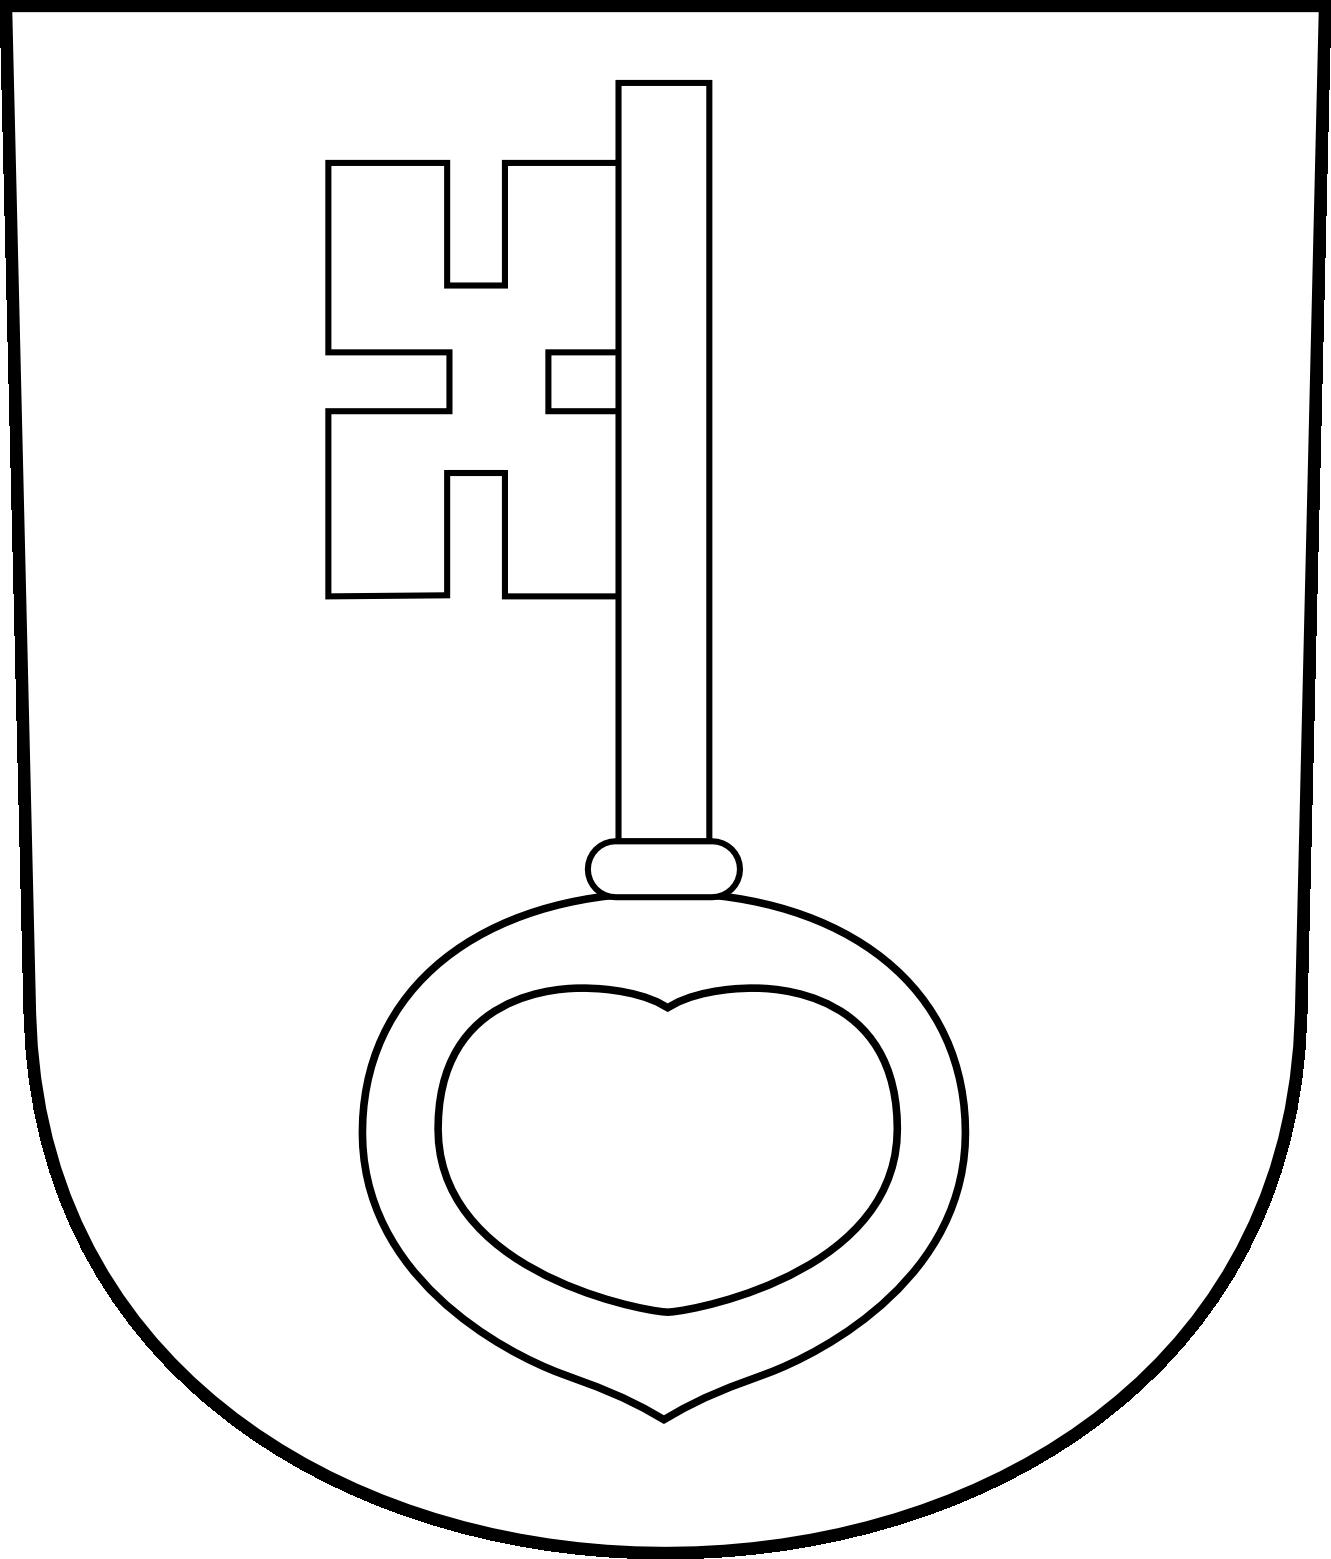 картинки для герба семьи шаблоны предметы